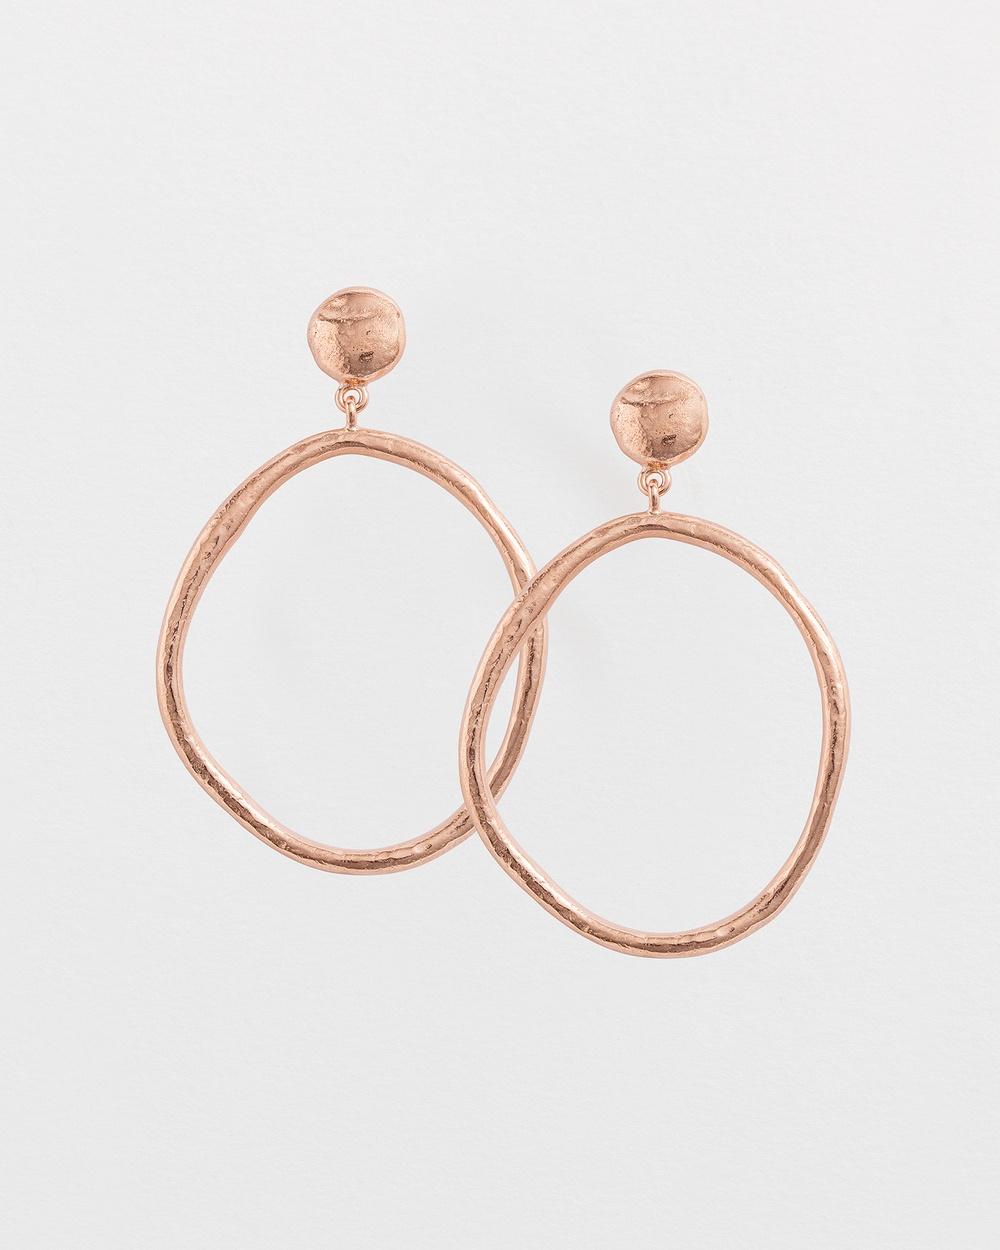 Kirstin Ash Golden Light Earrings Jewellery Rose Gold